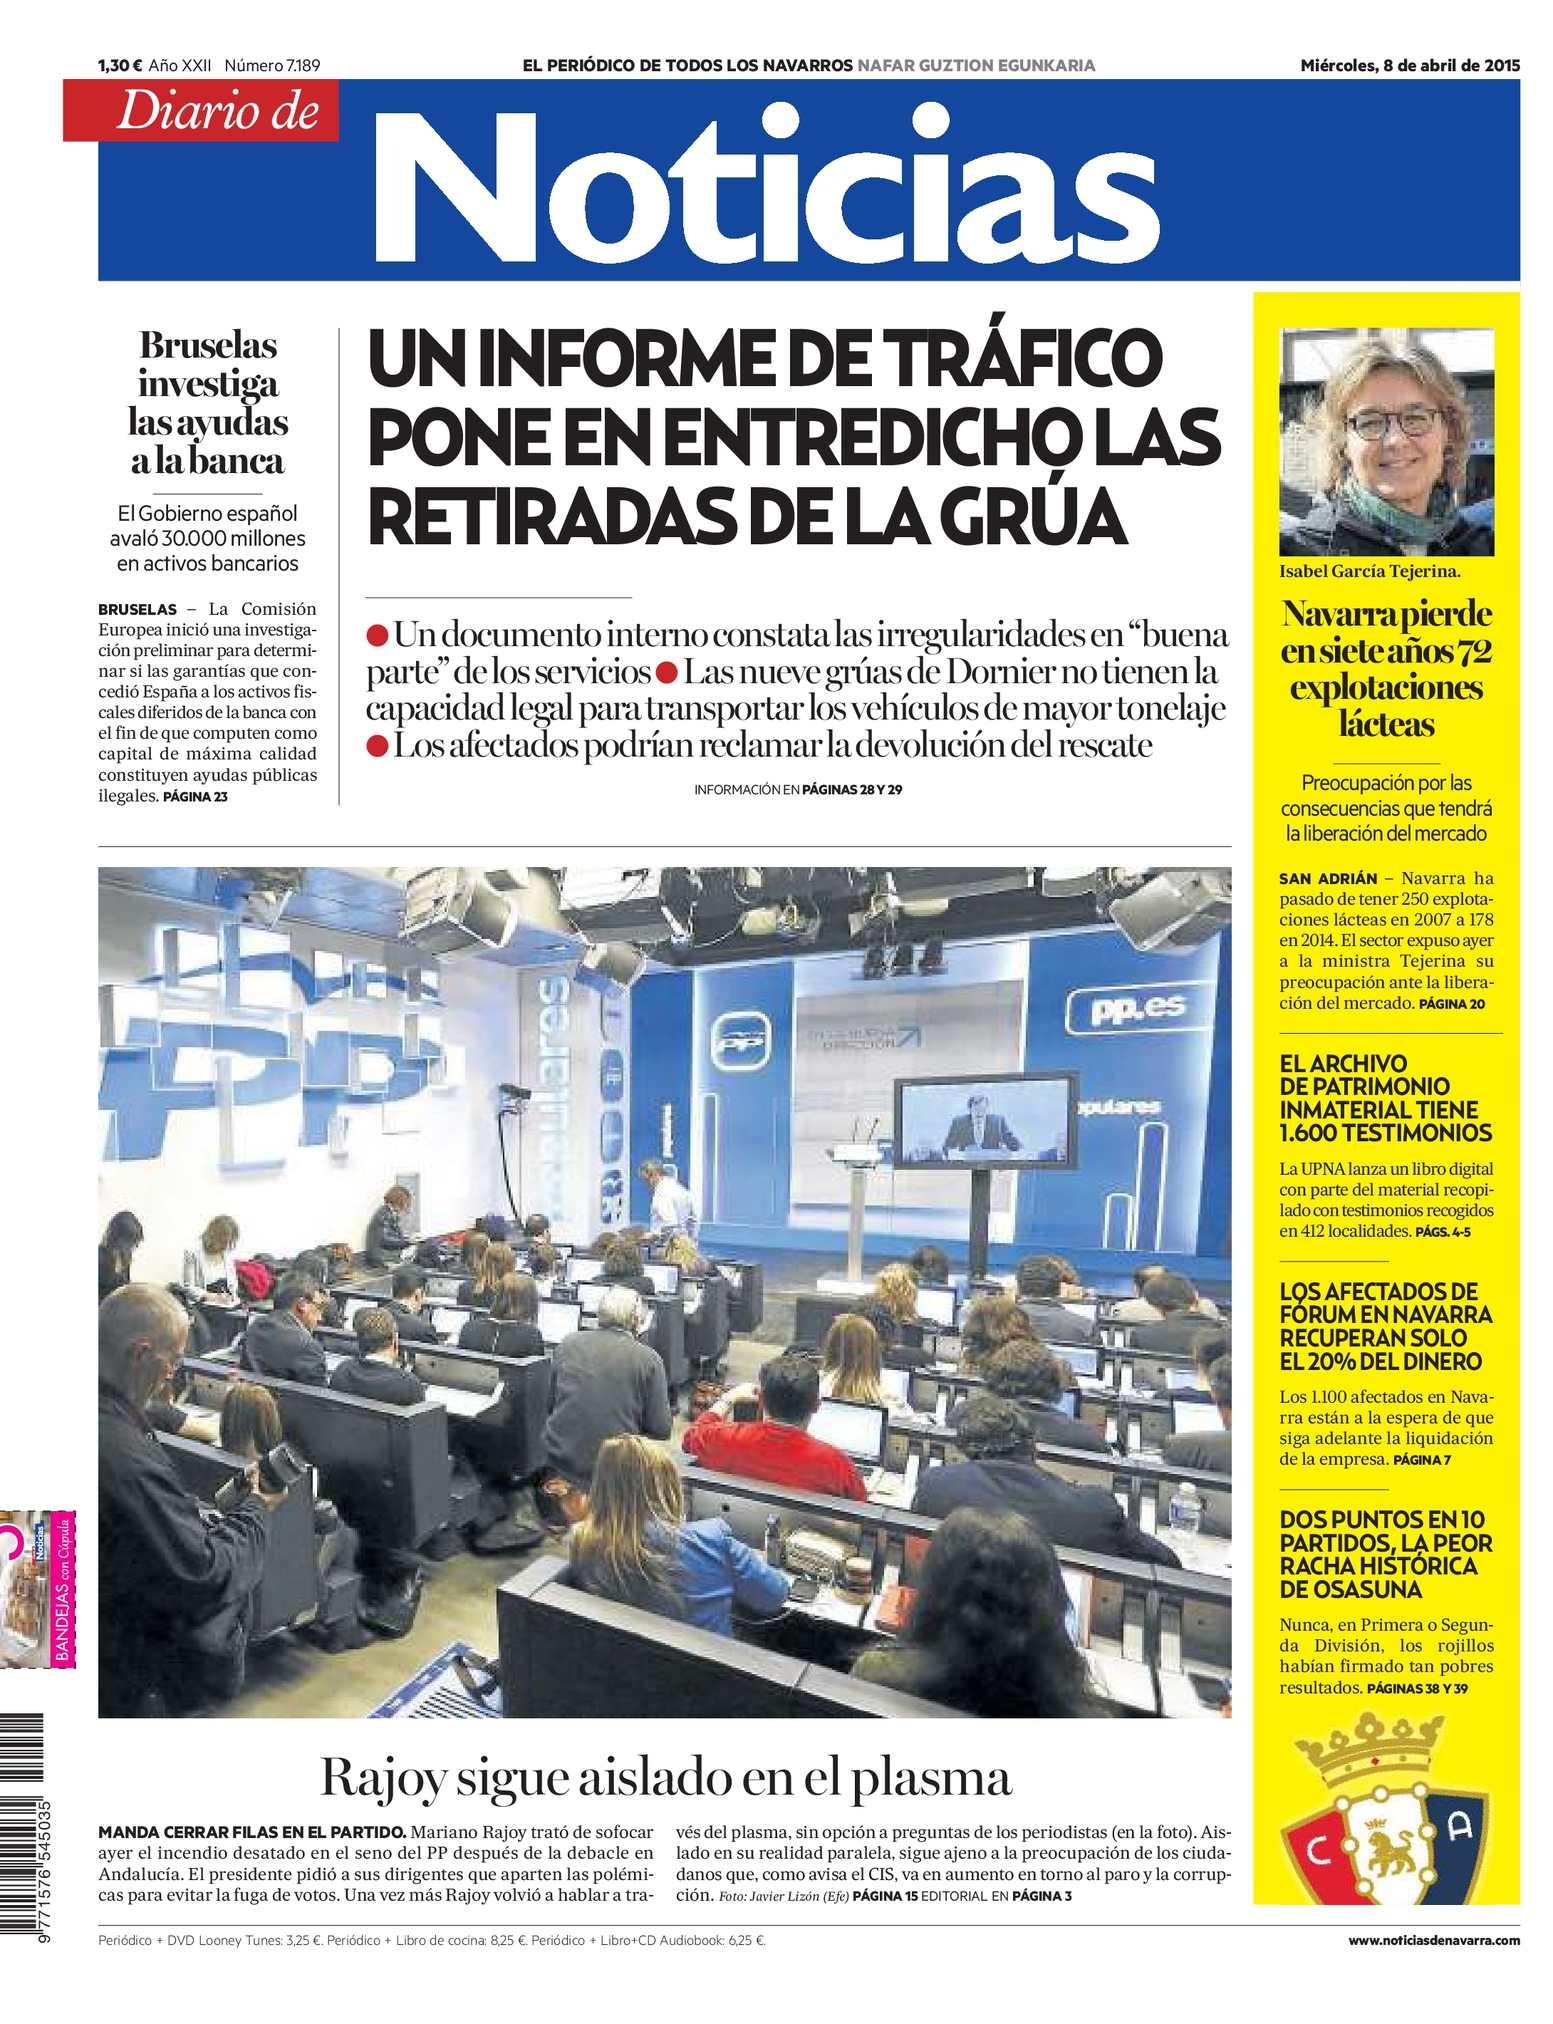 Calaméo - Diario de Noticias 20150408